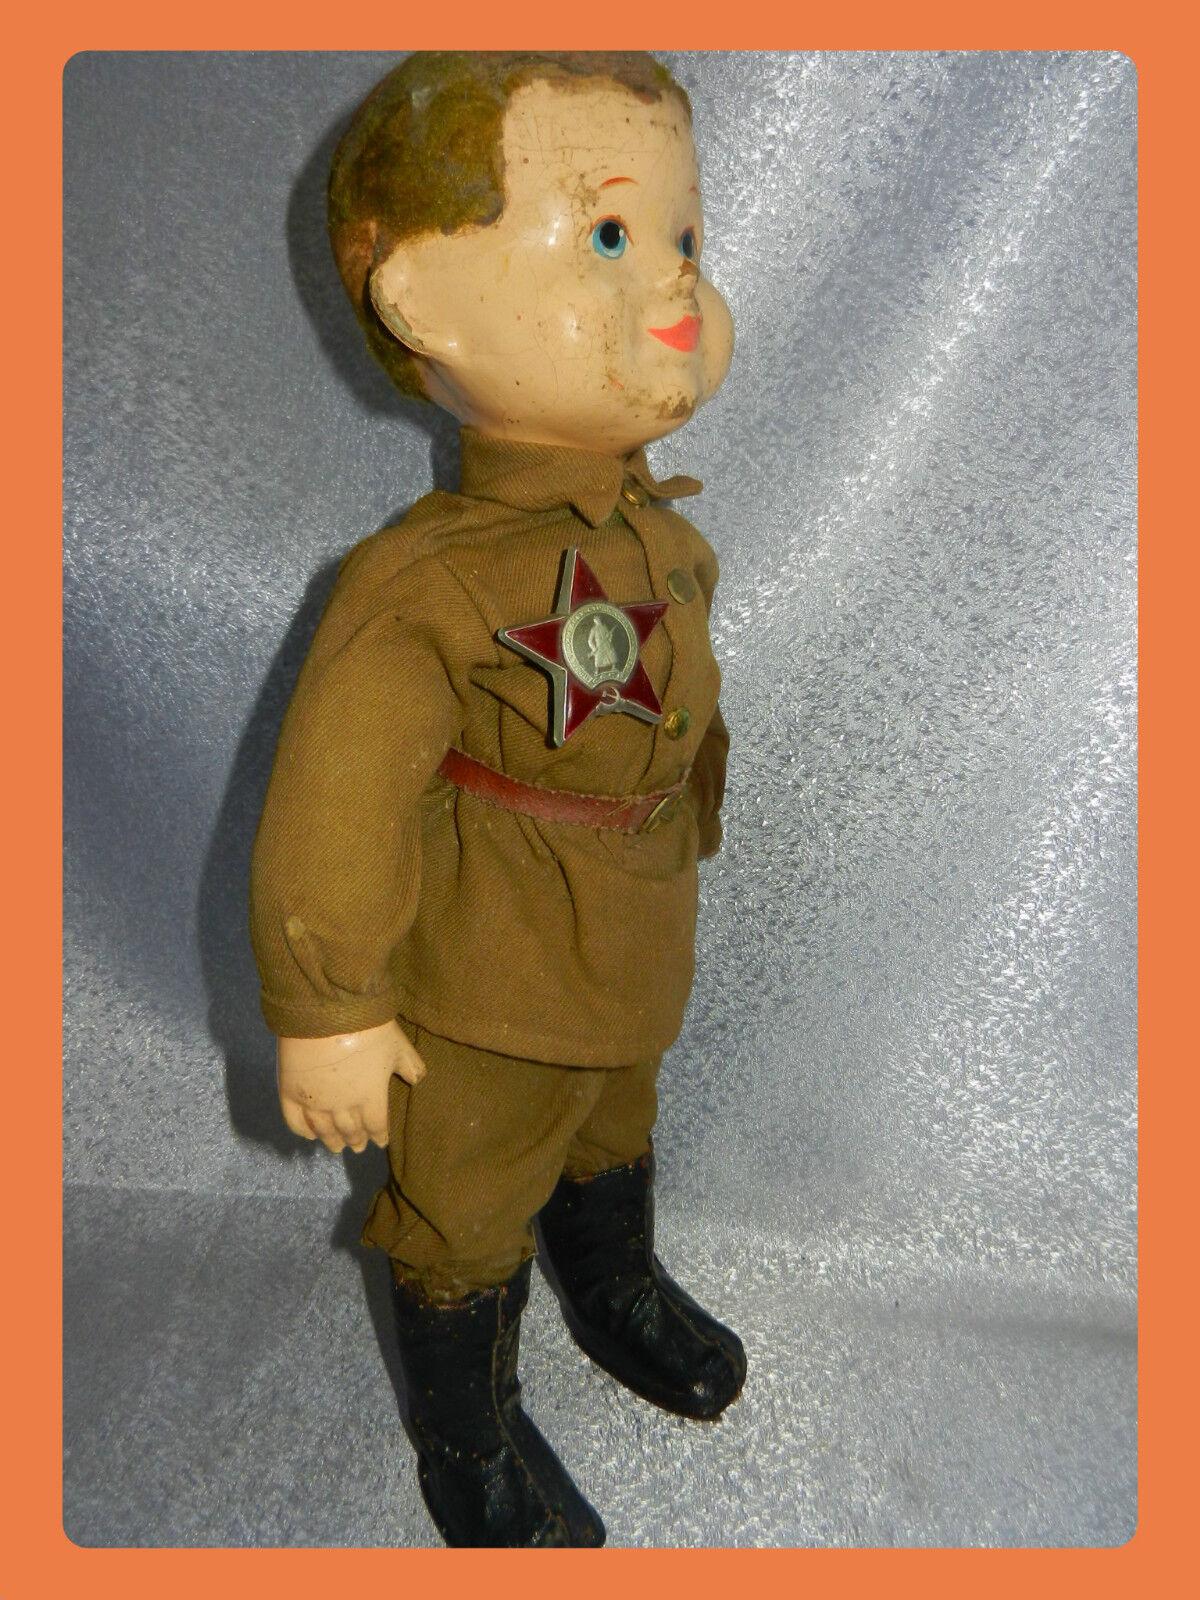 Muy Raro 1940s Vintage Rusa Soviética Ejército soldados Juguete Muñeca medalla Figura Antigua